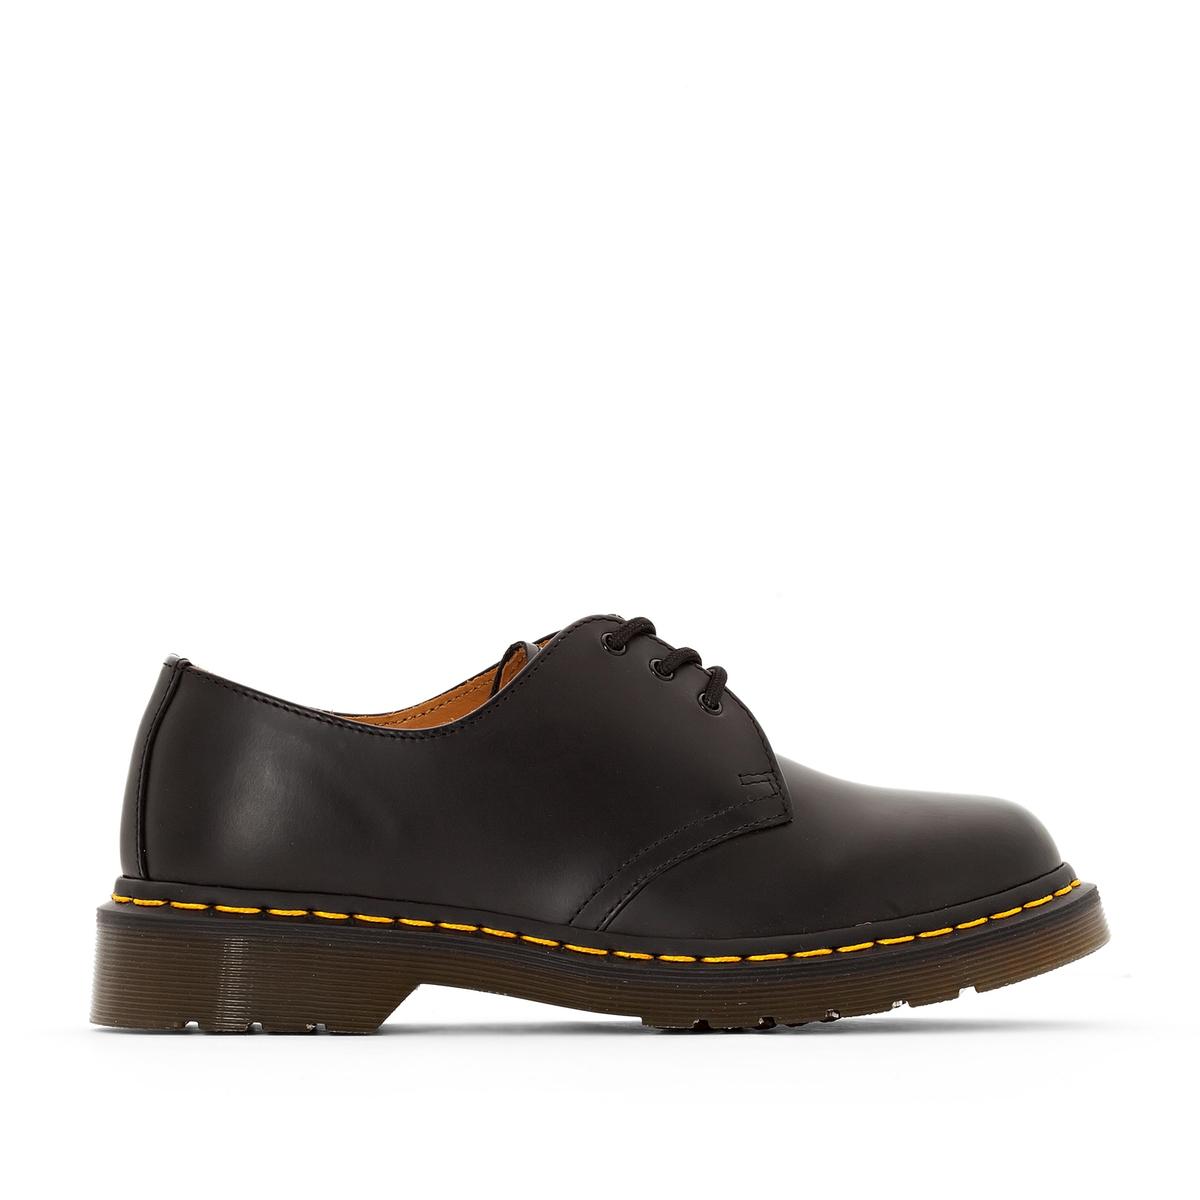 Дерби La Redoute Кожаные 44 черный ботинки дерби la redoute кожаные divyo 39 оранжевый